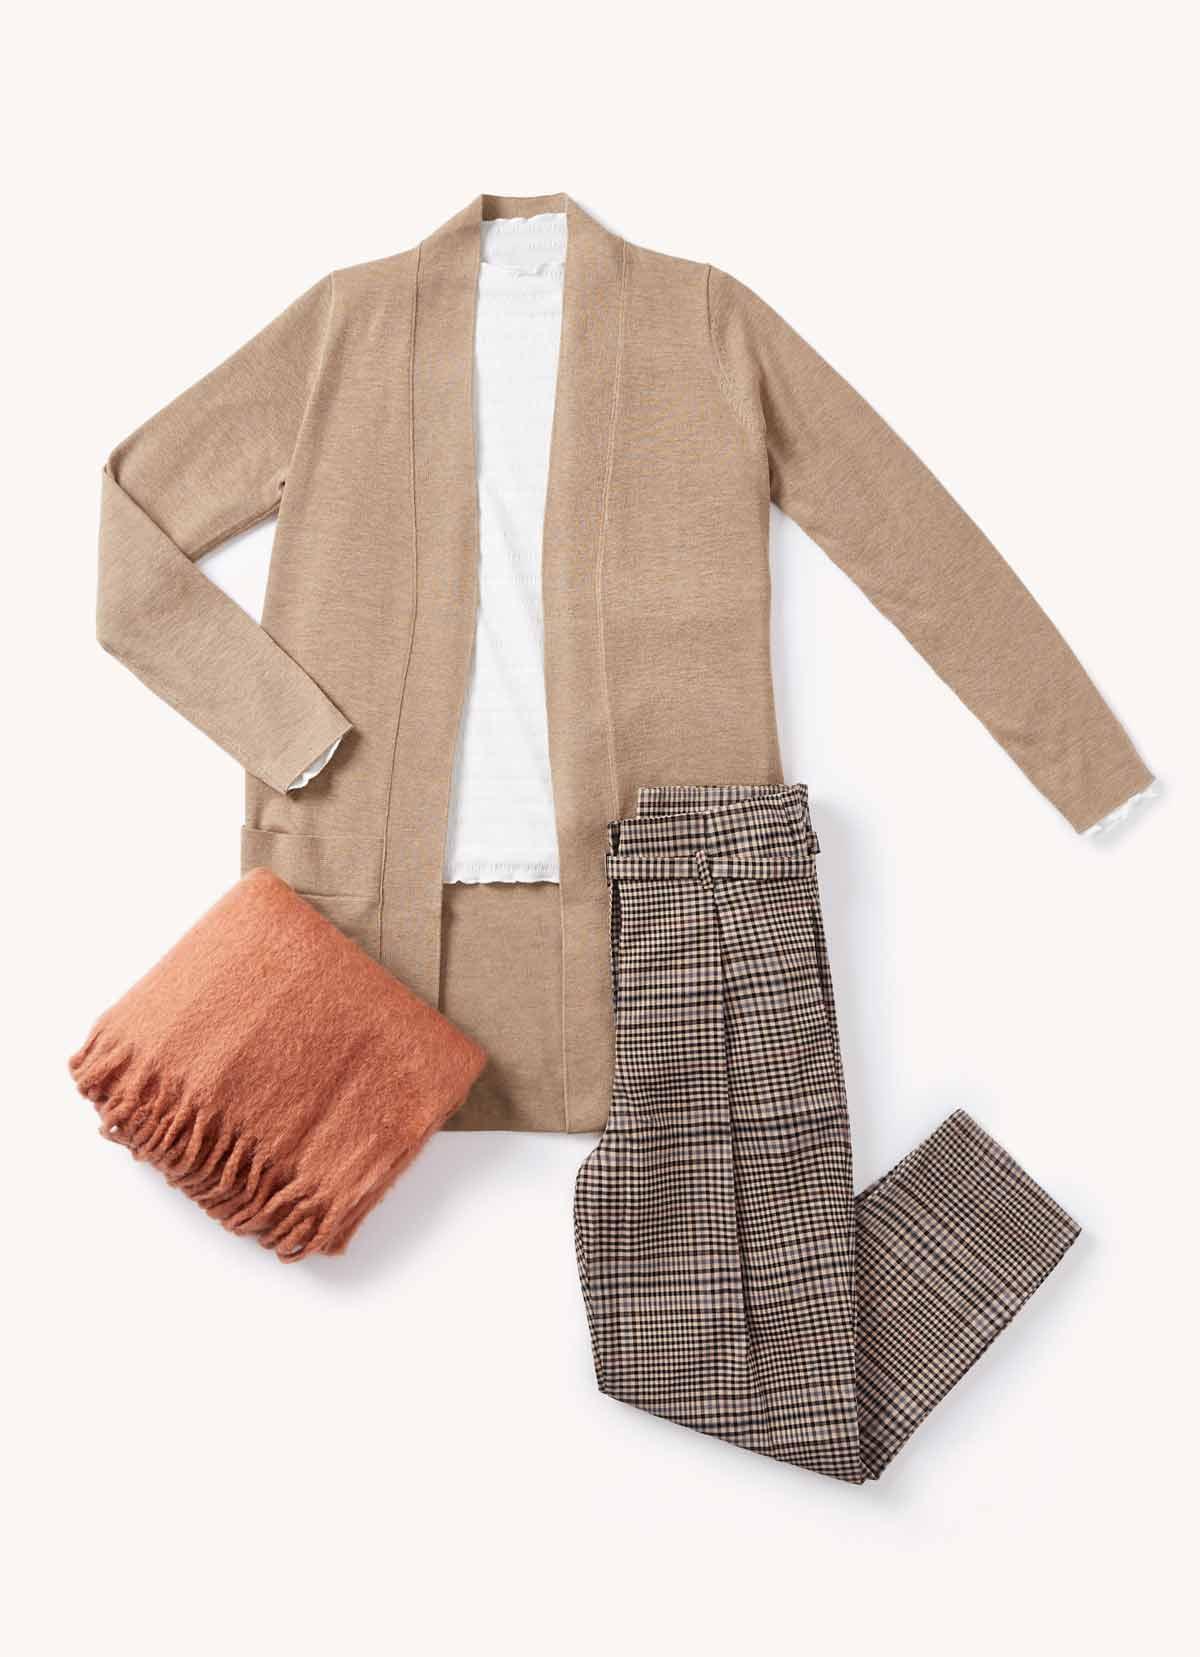 pantalones pinza y cardigan largo outfit diciembre